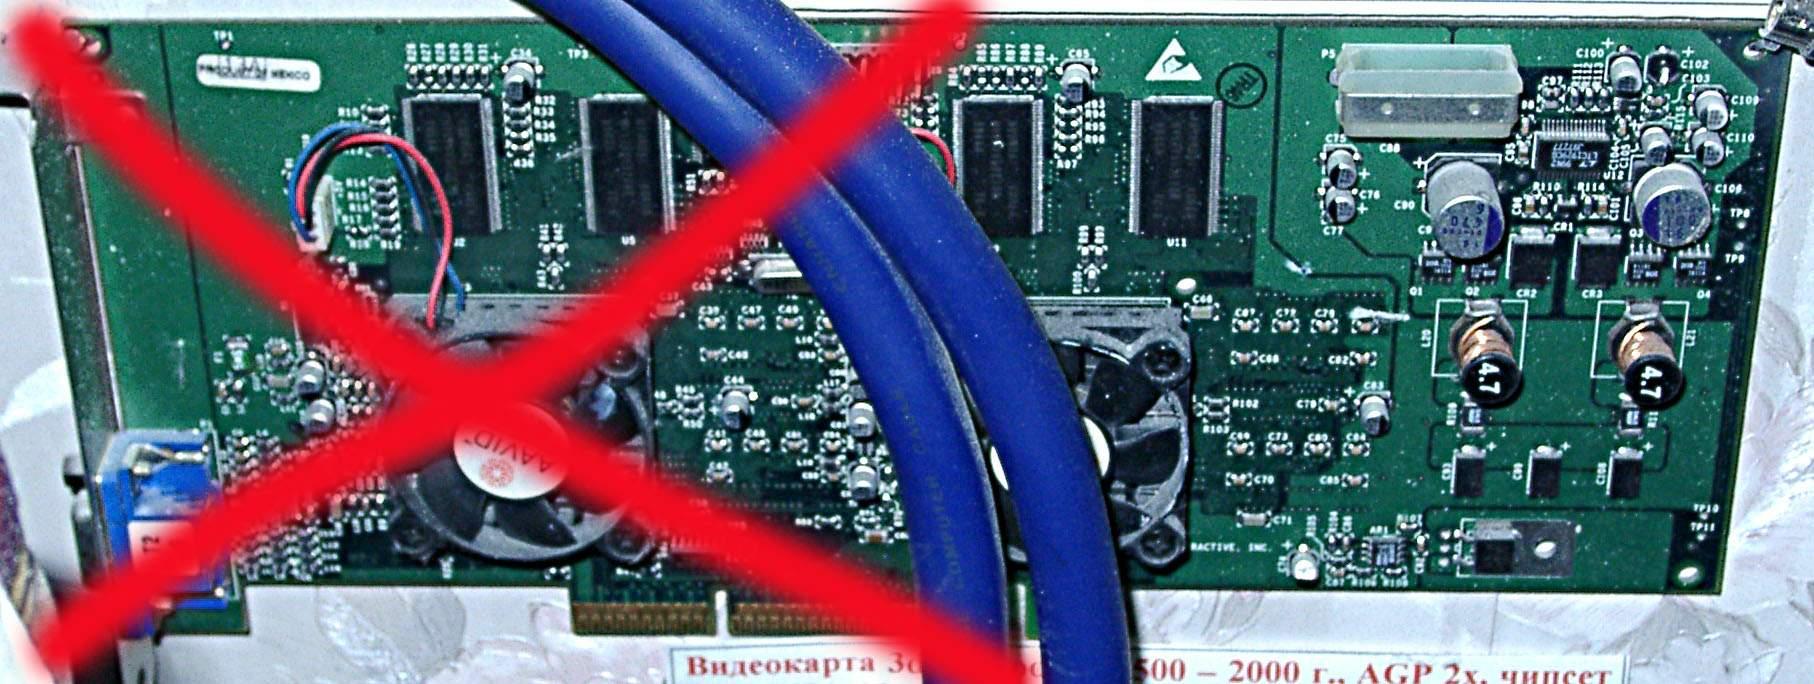 Драйвер Radeon 7500Le 64Mb